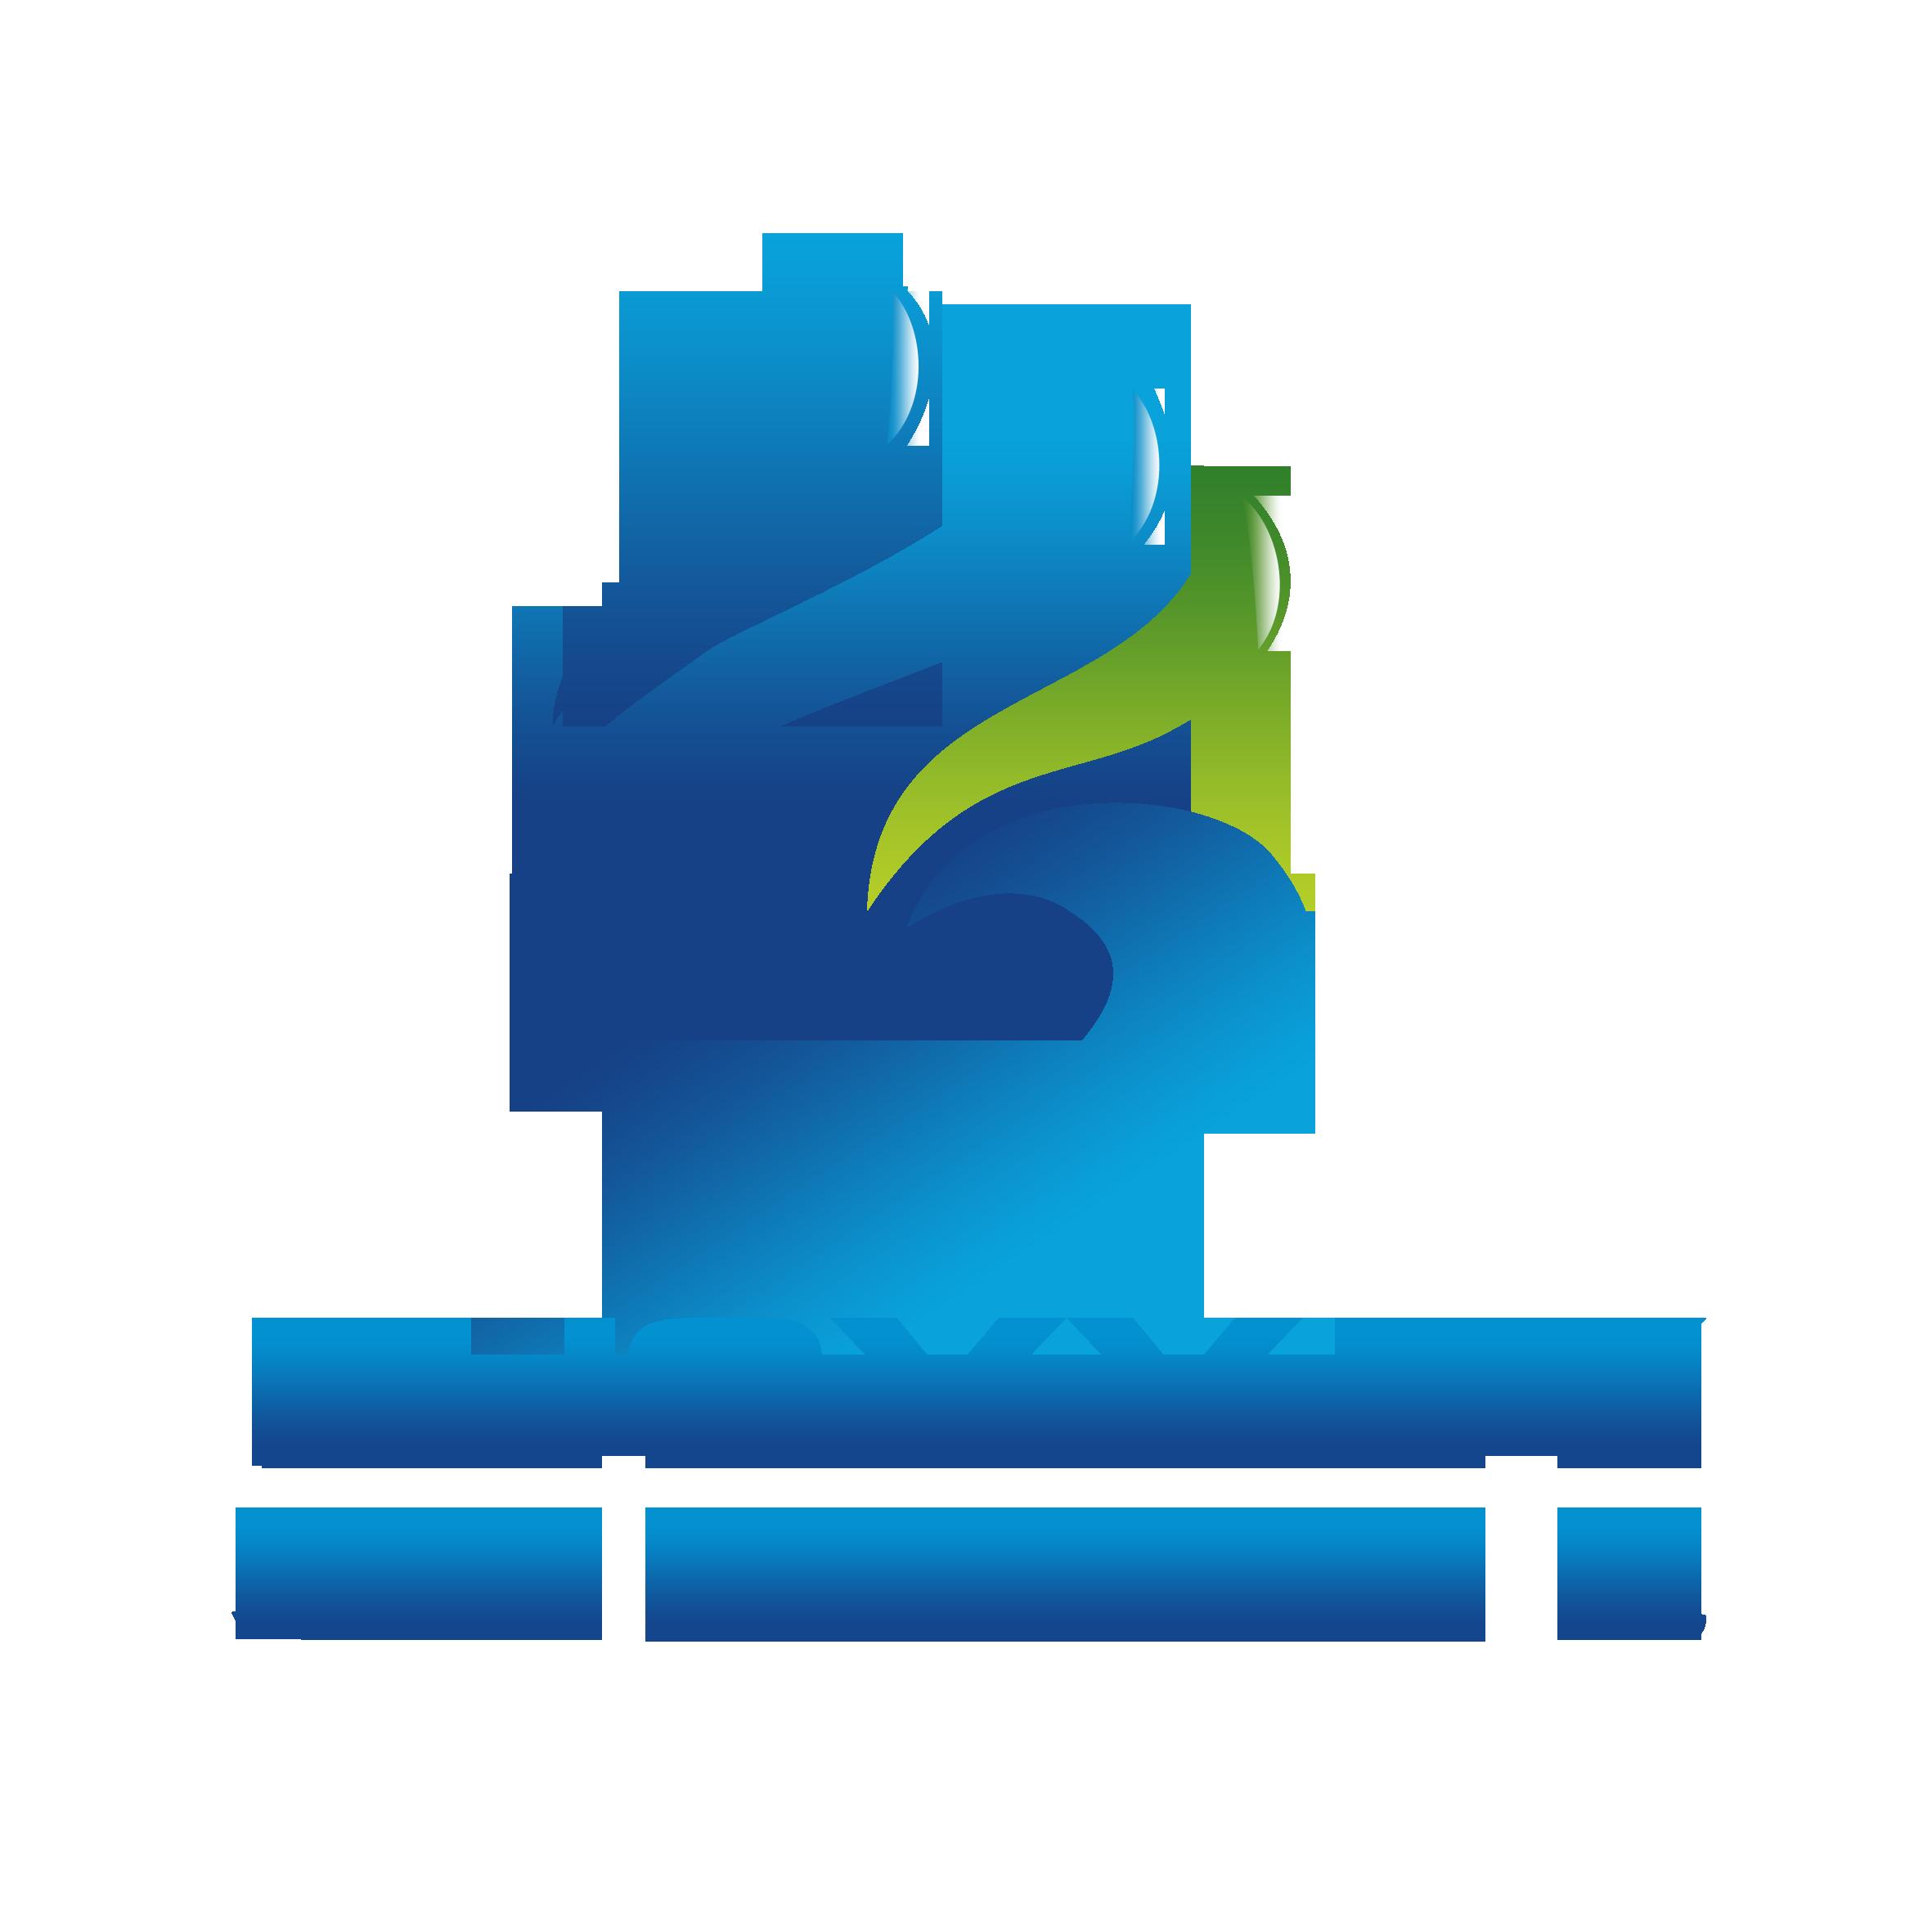 中国医药检测服务市场运行状况及投资竞争力分析报告2017-2022年